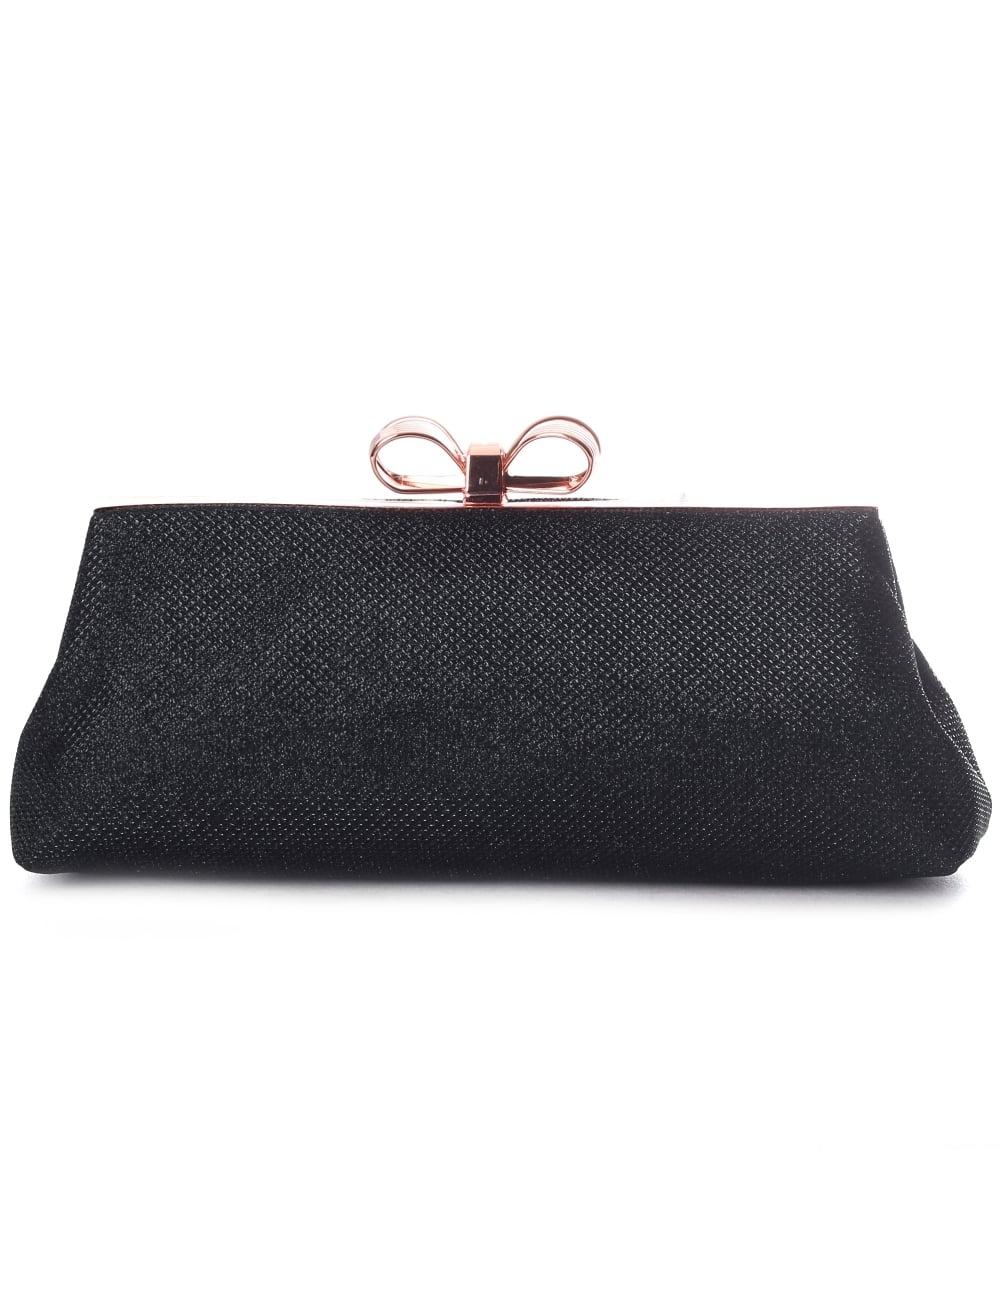 625056b63f9c8 Ted Baker Iirene Glitter Bow Women's Evening Bag